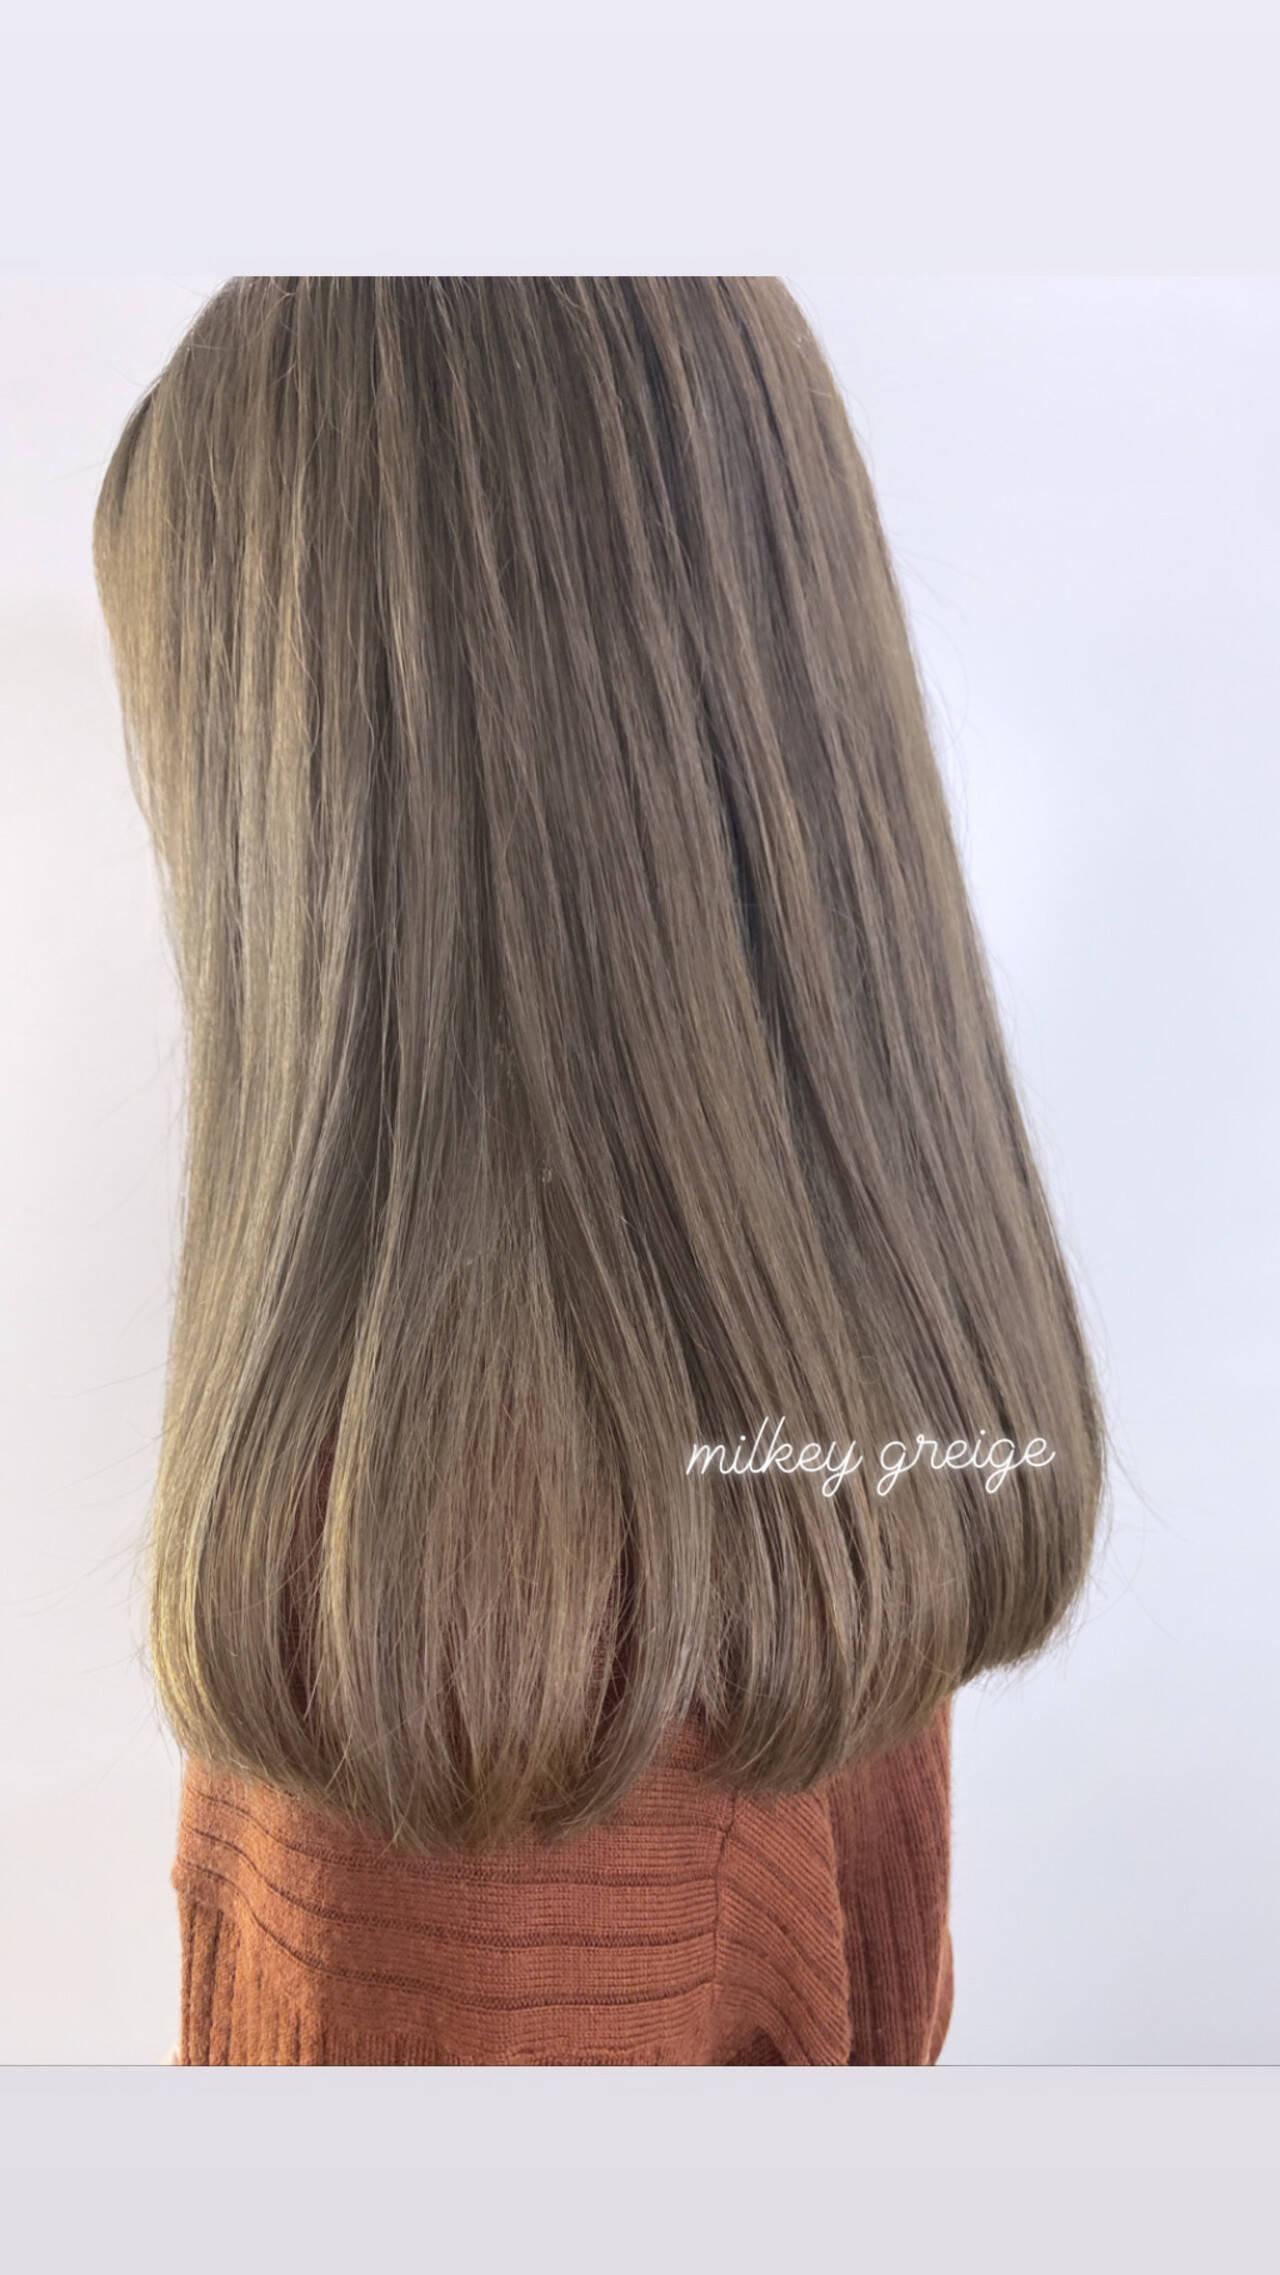 ベージュ ミルクティーグレージュ ミルクティーベージュ ガーリーヘアスタイルや髪型の写真・画像